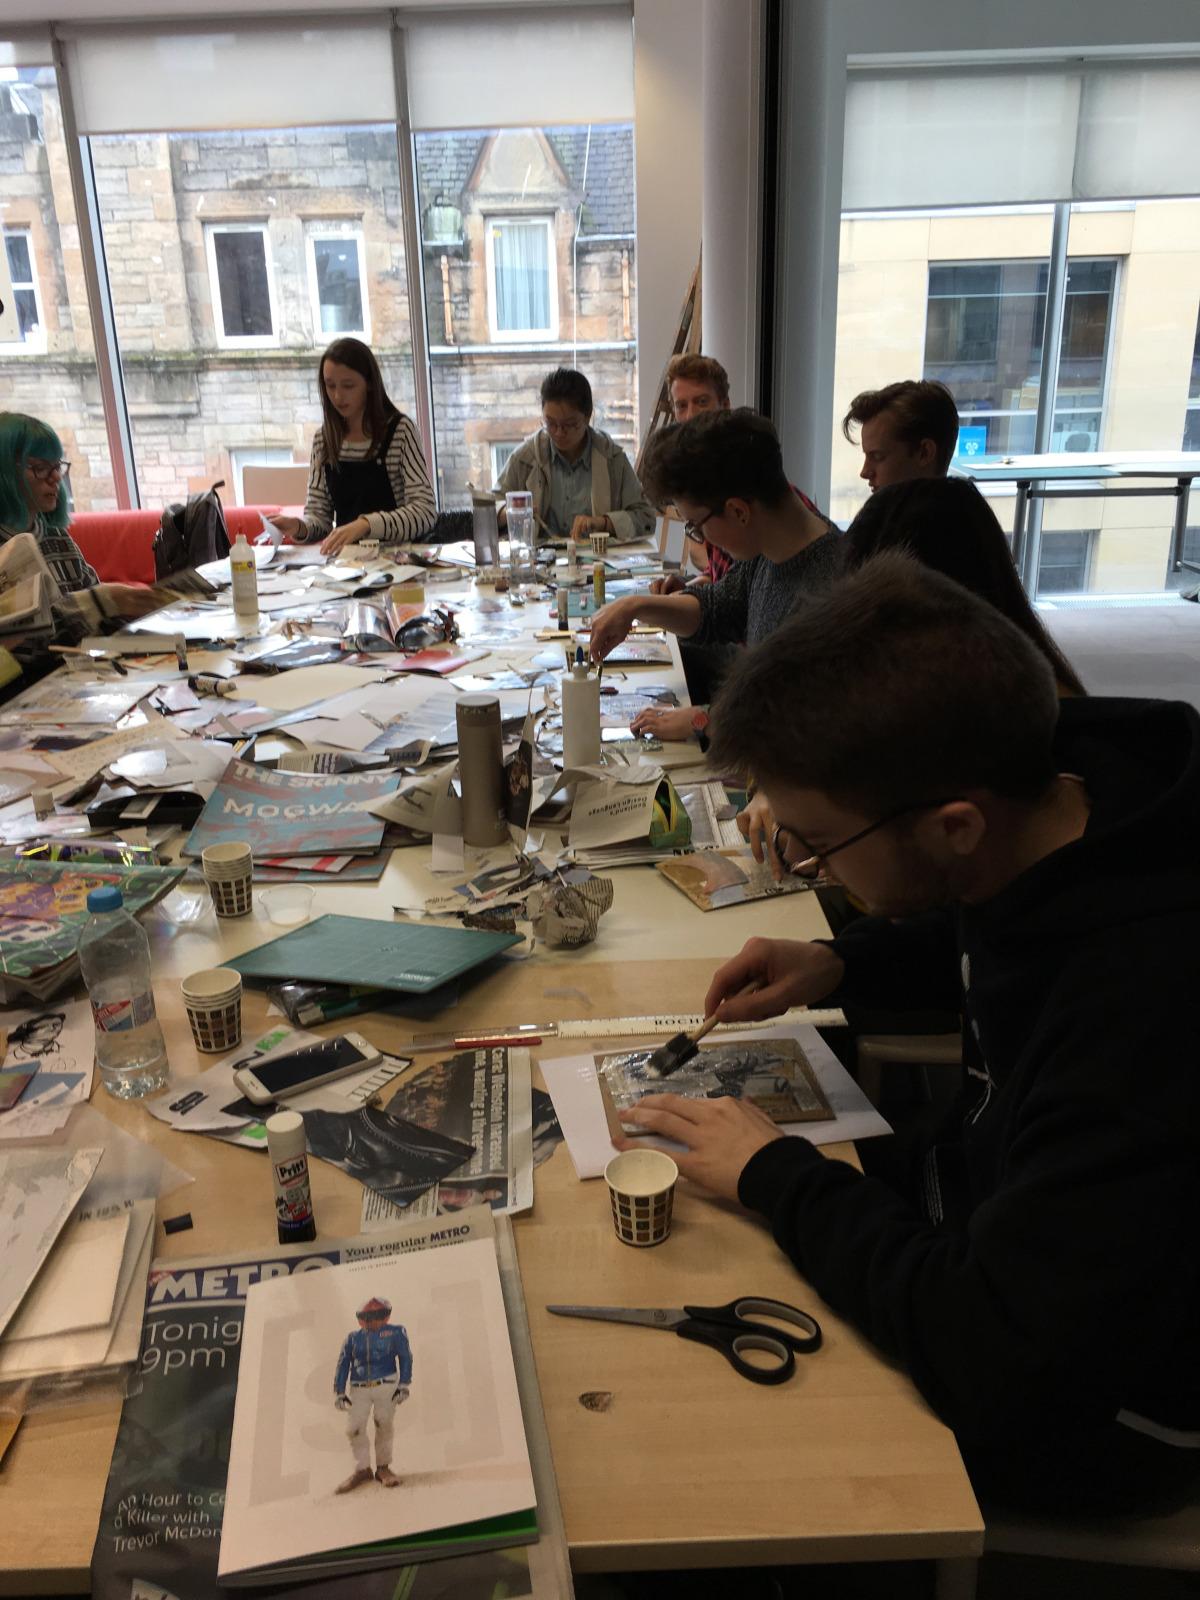 Workshops | Edinburgh Collage Collective, Collage workshops